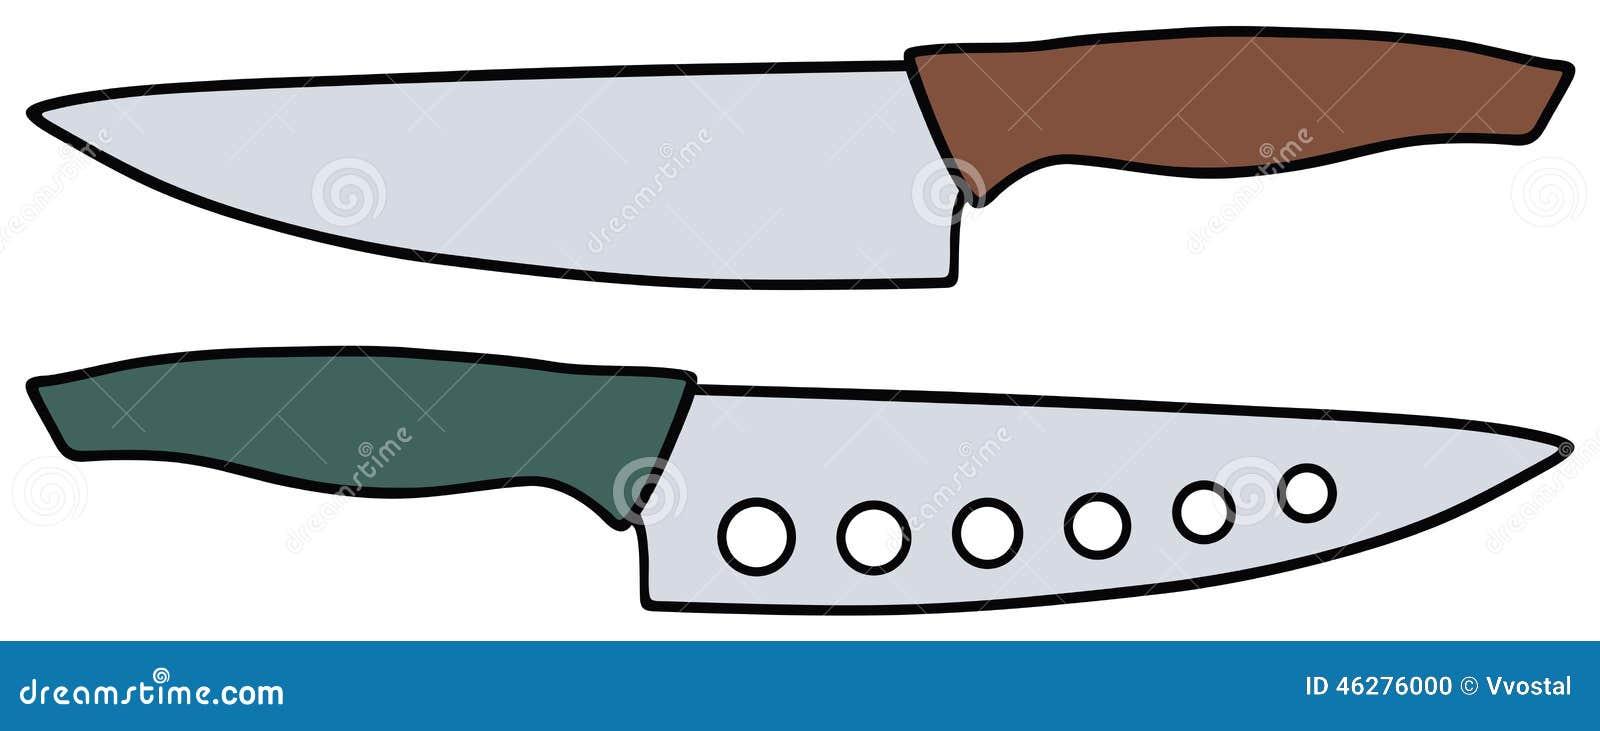 Coltelli da cucina illustrazione vettoriale illustrazione - Coltelli da cucina ...